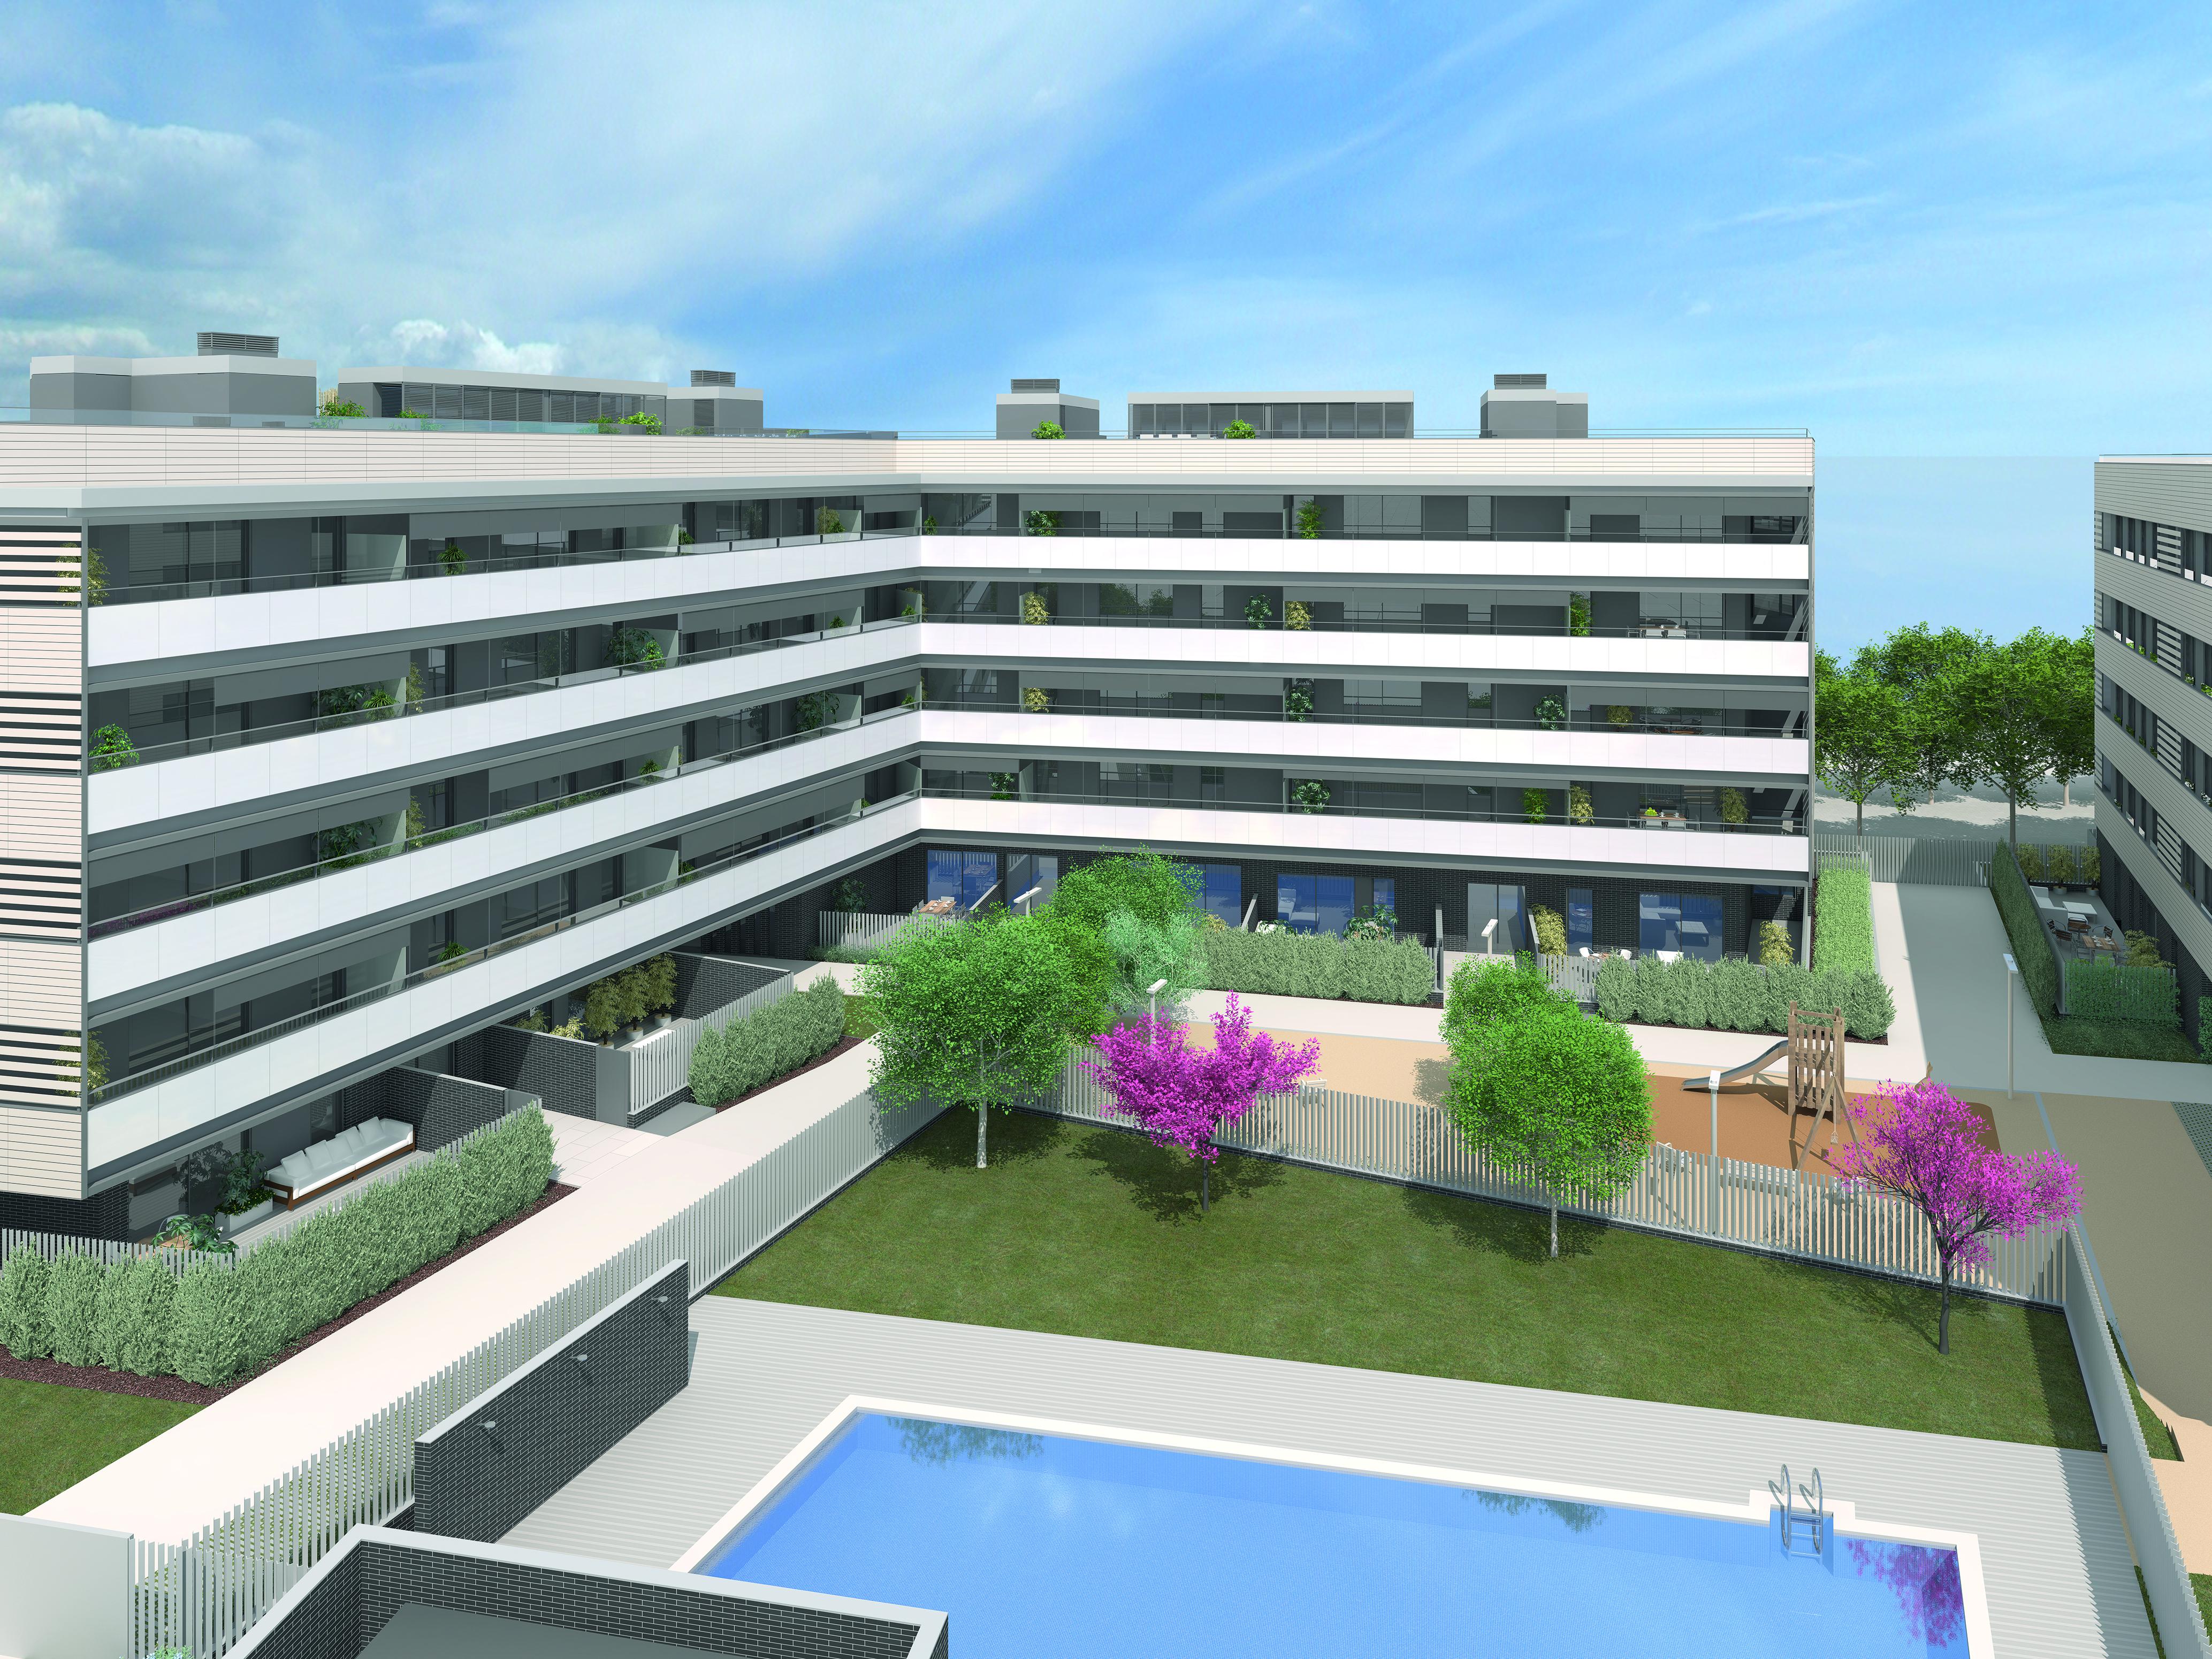 Piso en venta en Can Vasconcel, Sant Cugat del Vallès, Barcelona, Calle Josep de Peray, 615.000 €, 4 habitaciones, 1 baño, 130 m2